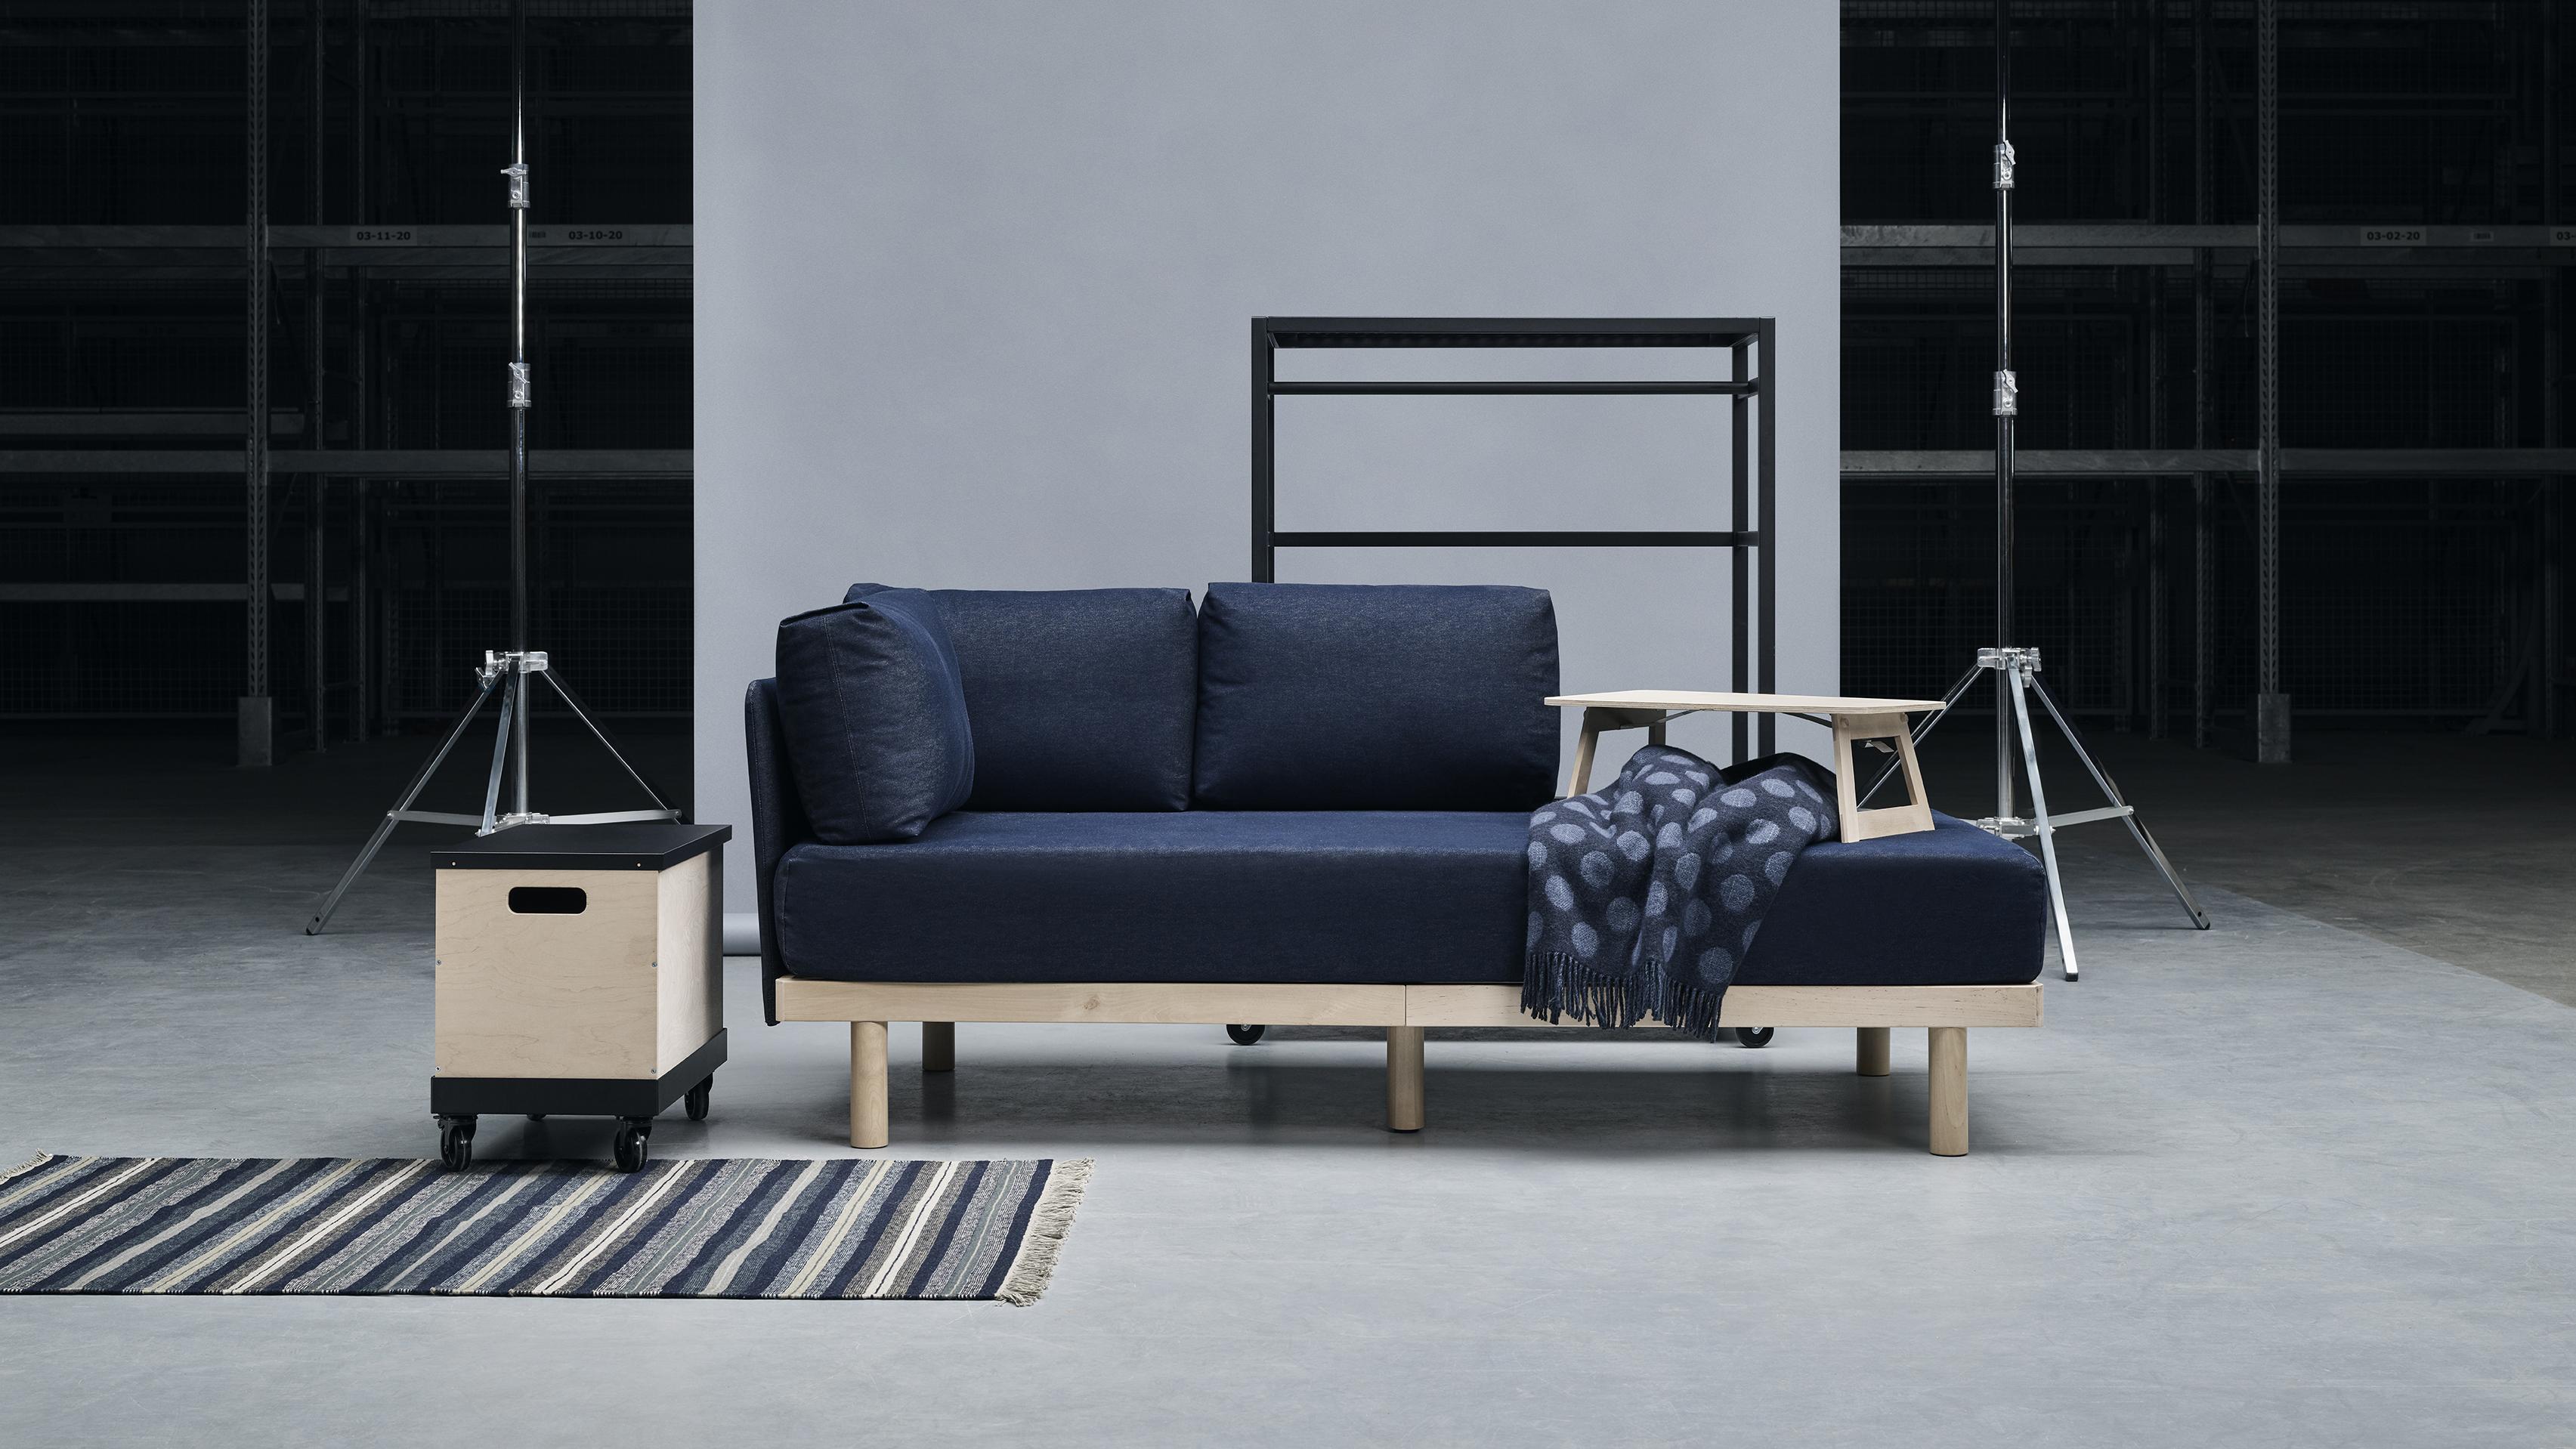 Poltrona Letto Ikea Prezzi.Ikea Ha Progettato Un Carrello Che Si Trasforma In Divano Letto